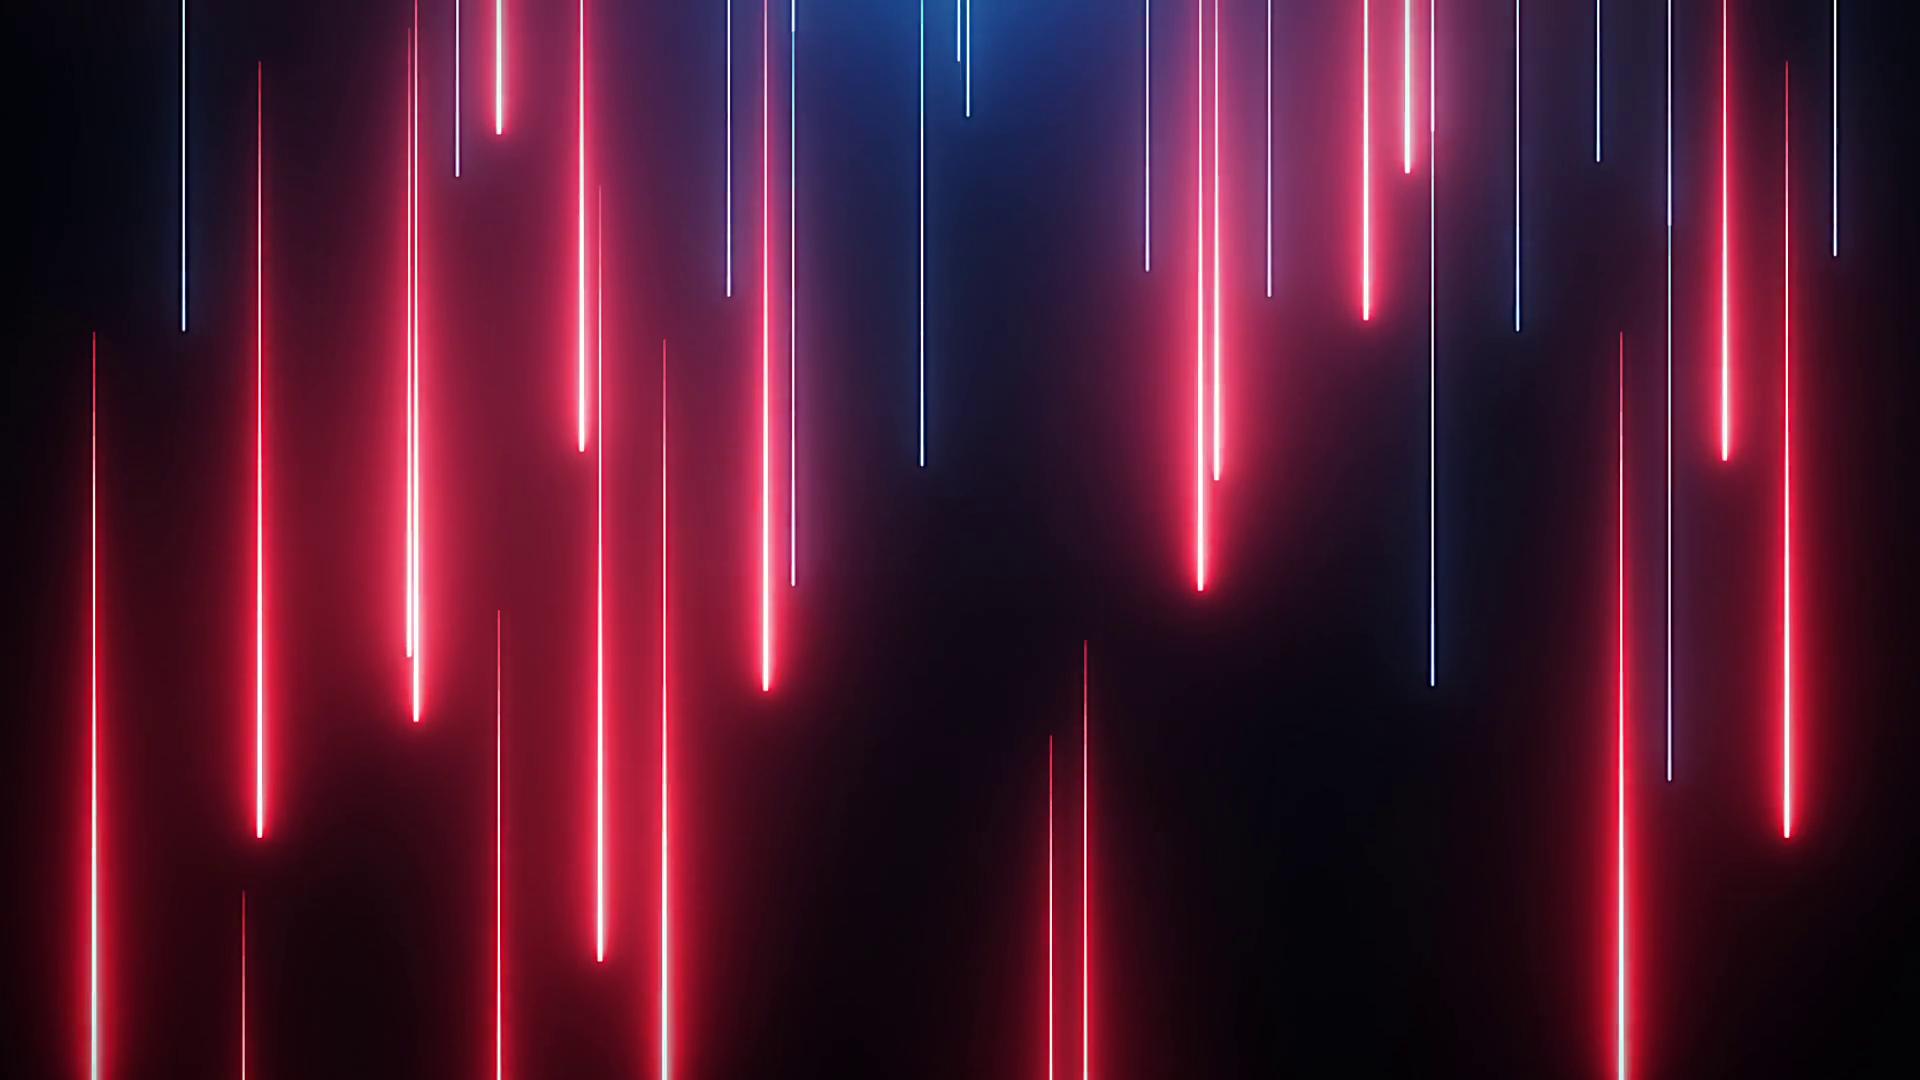 Https Backgroundcheckall Com Red Neon Background 6 Neon Backgrounds Neon Neon Wallpaper